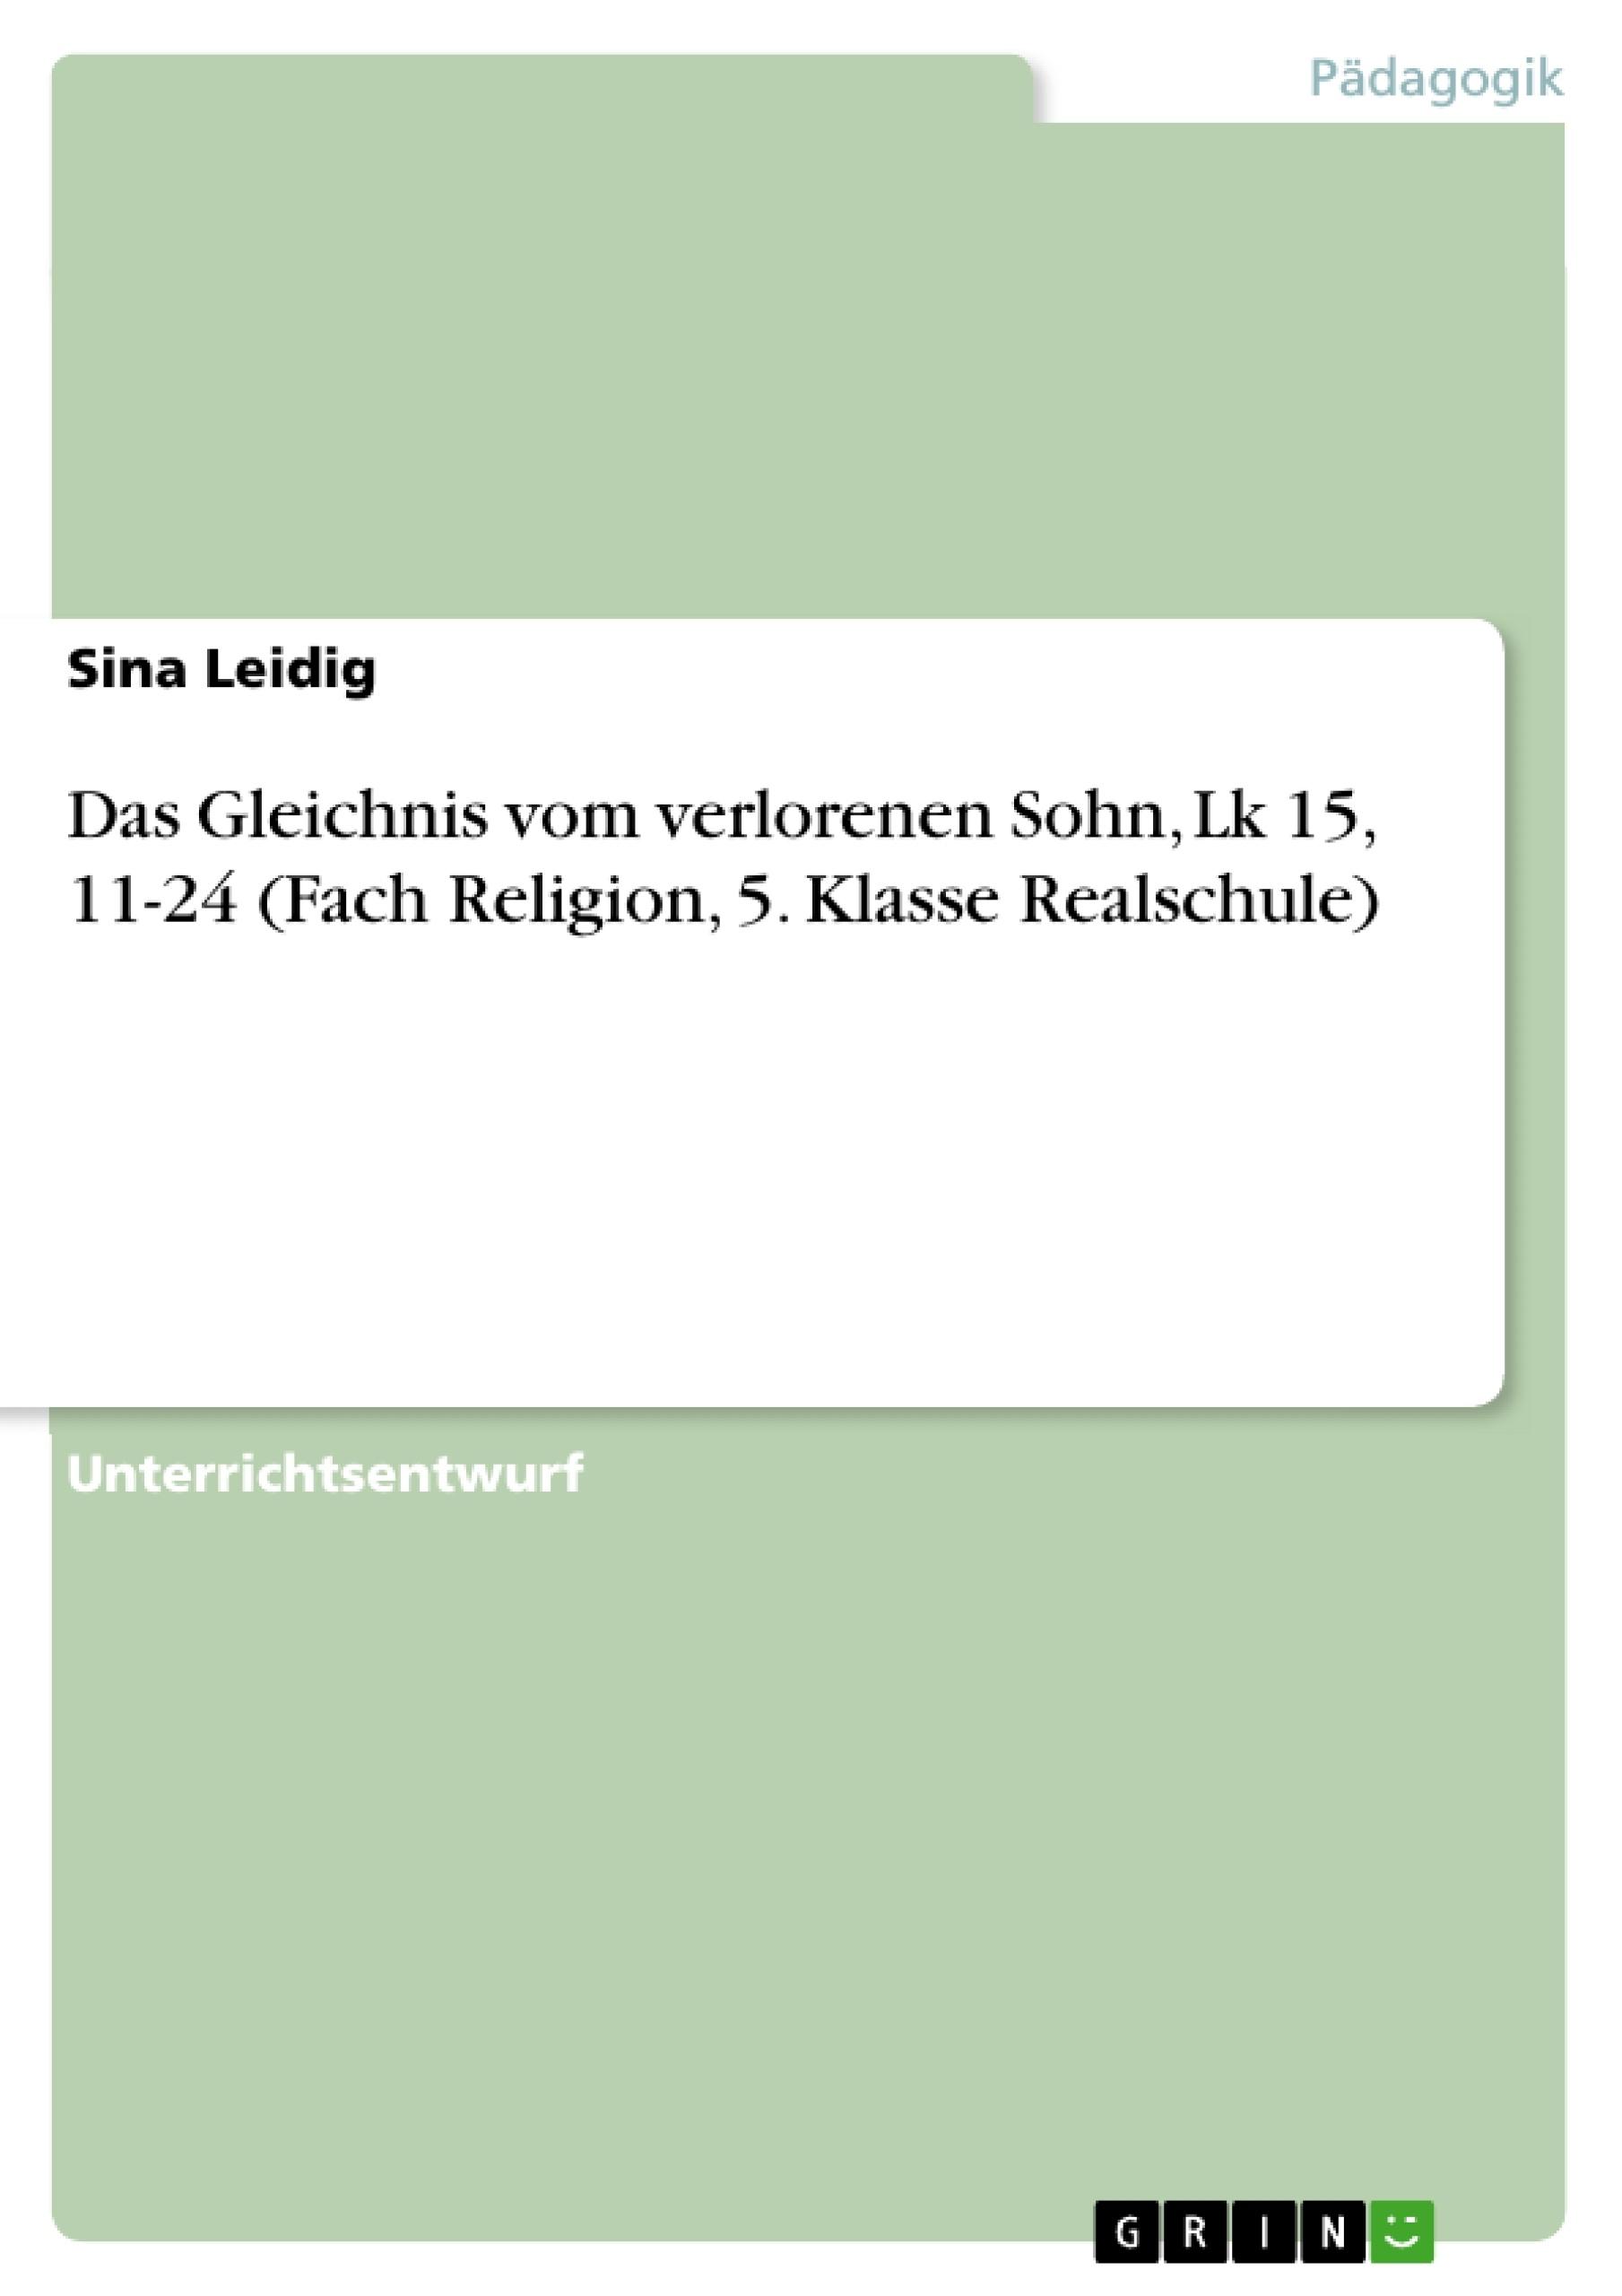 Titel: Das Gleichnis vom verlorenen Sohn, Lk 15, 11-24 (Fach Religion, 5. Klasse Realschule)